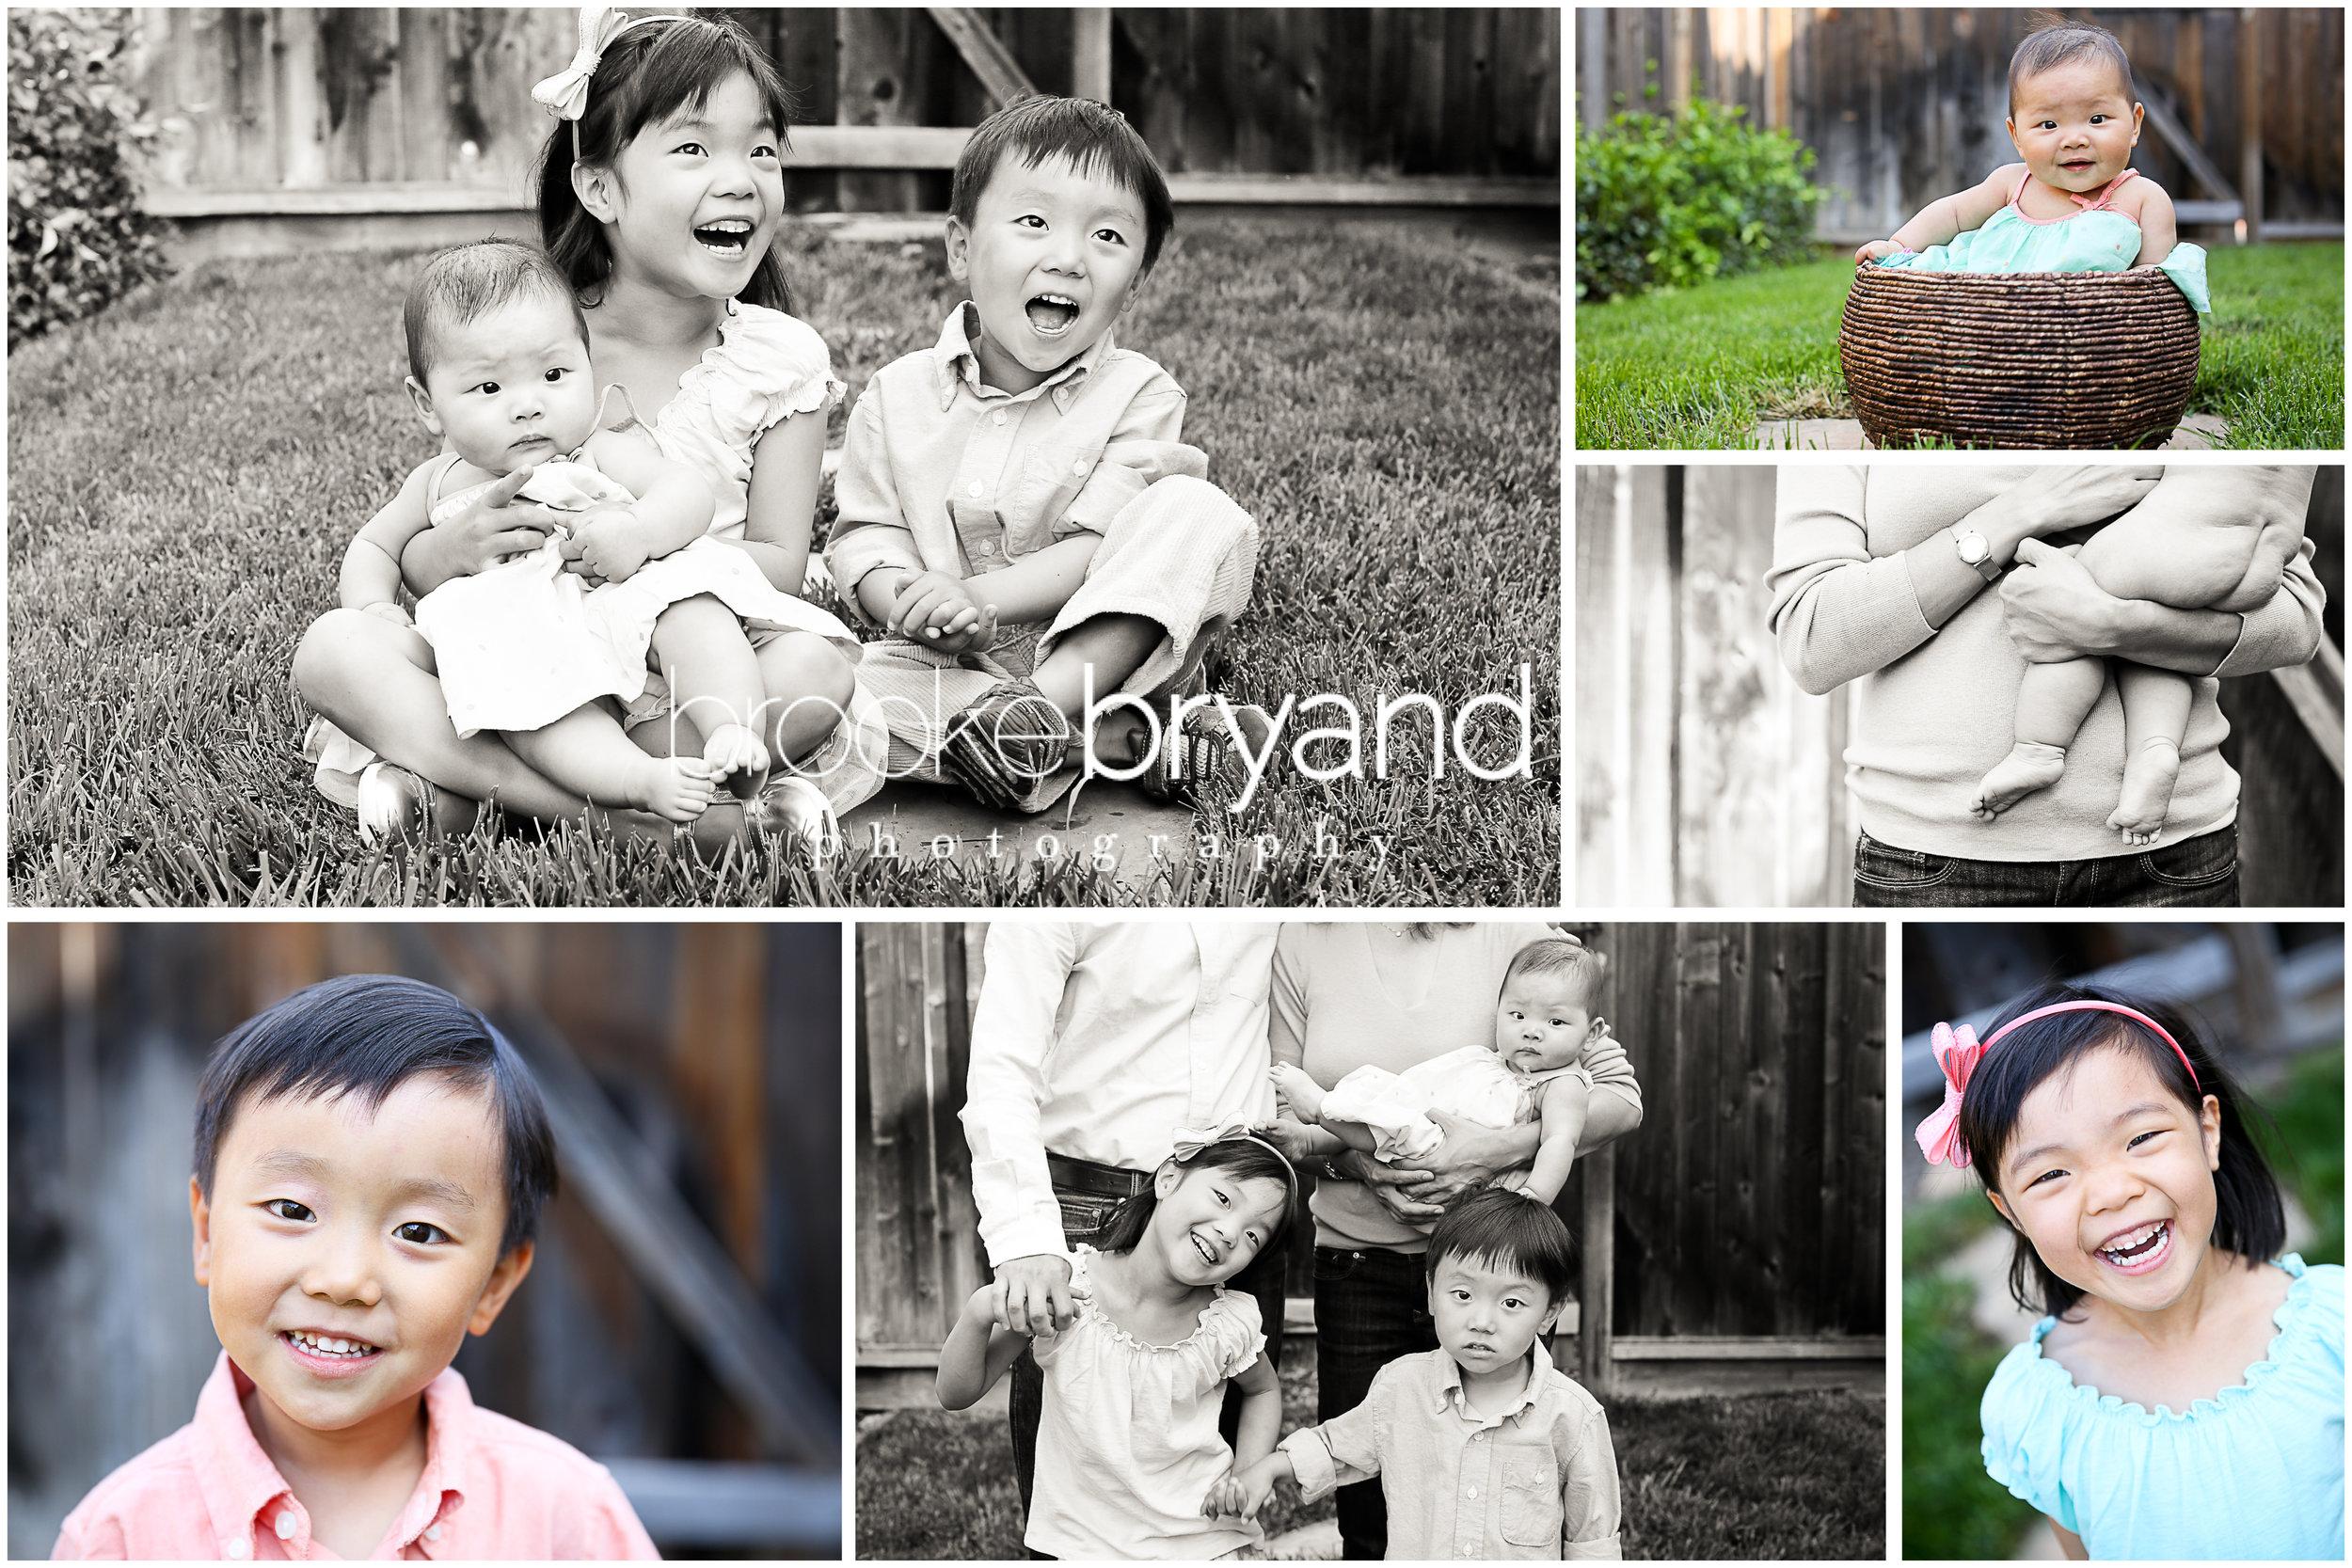 6-up-brooke-bryand-photography-burlingame-family-photographer-san-francisco-baby-photographer.jpg